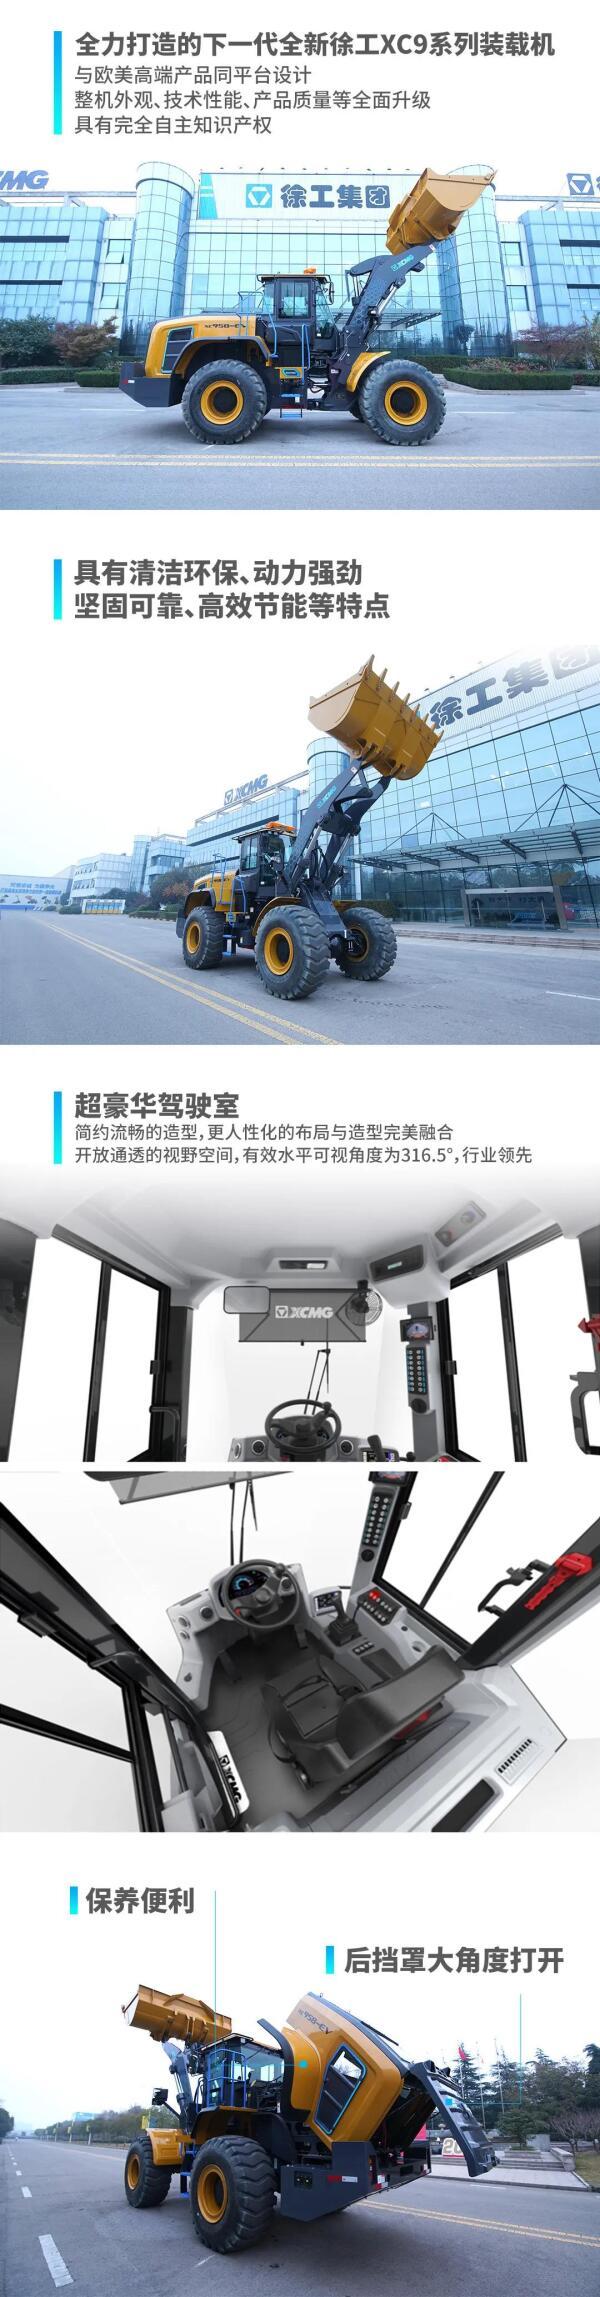 徐工XC958-EV纯电动装载机